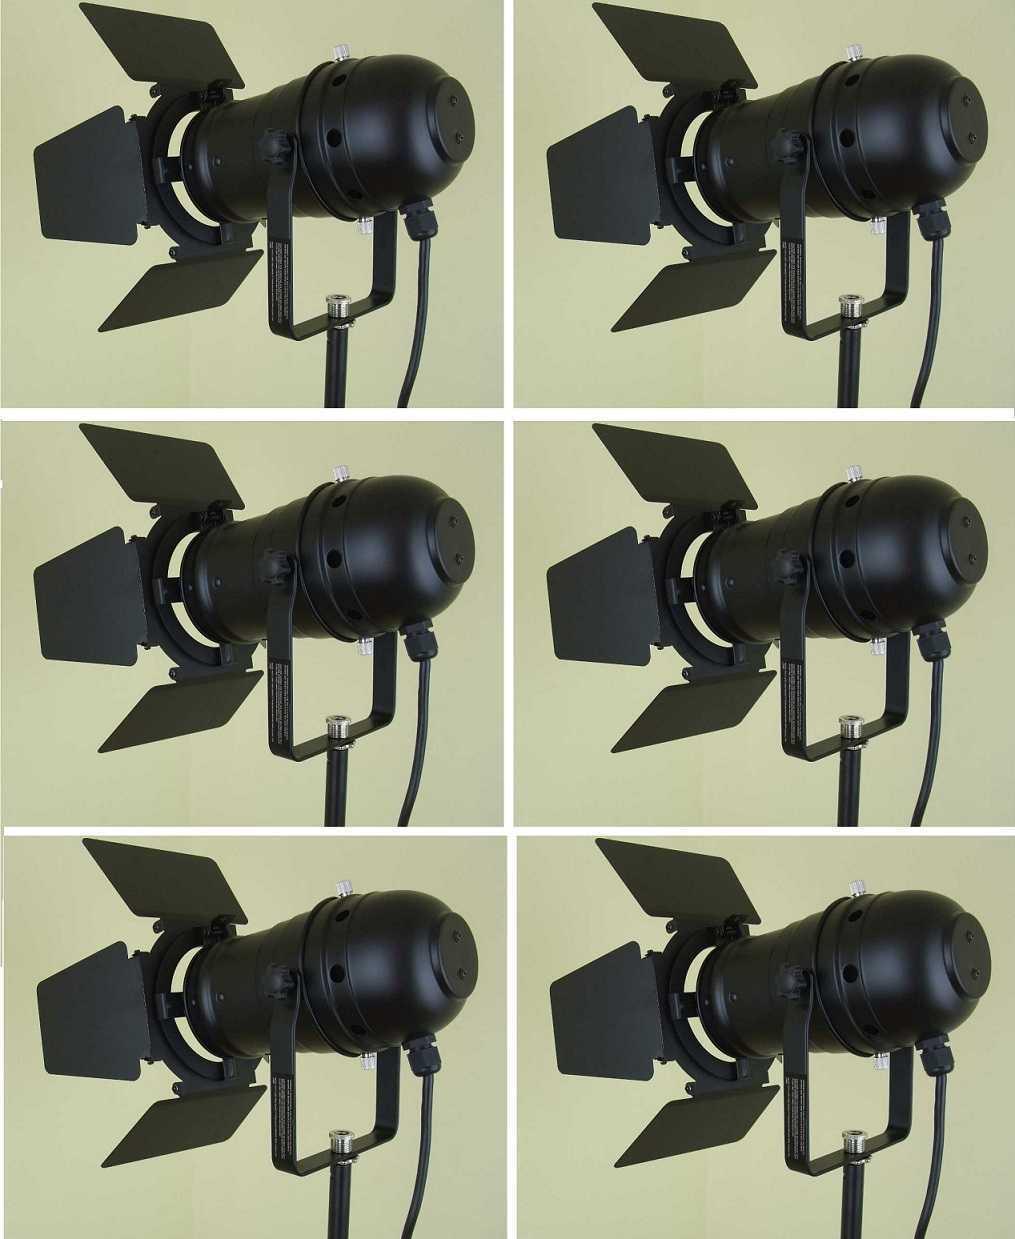 6x par-30 Spot-Phares Noir Incl. torblende ailes délim, e27 version